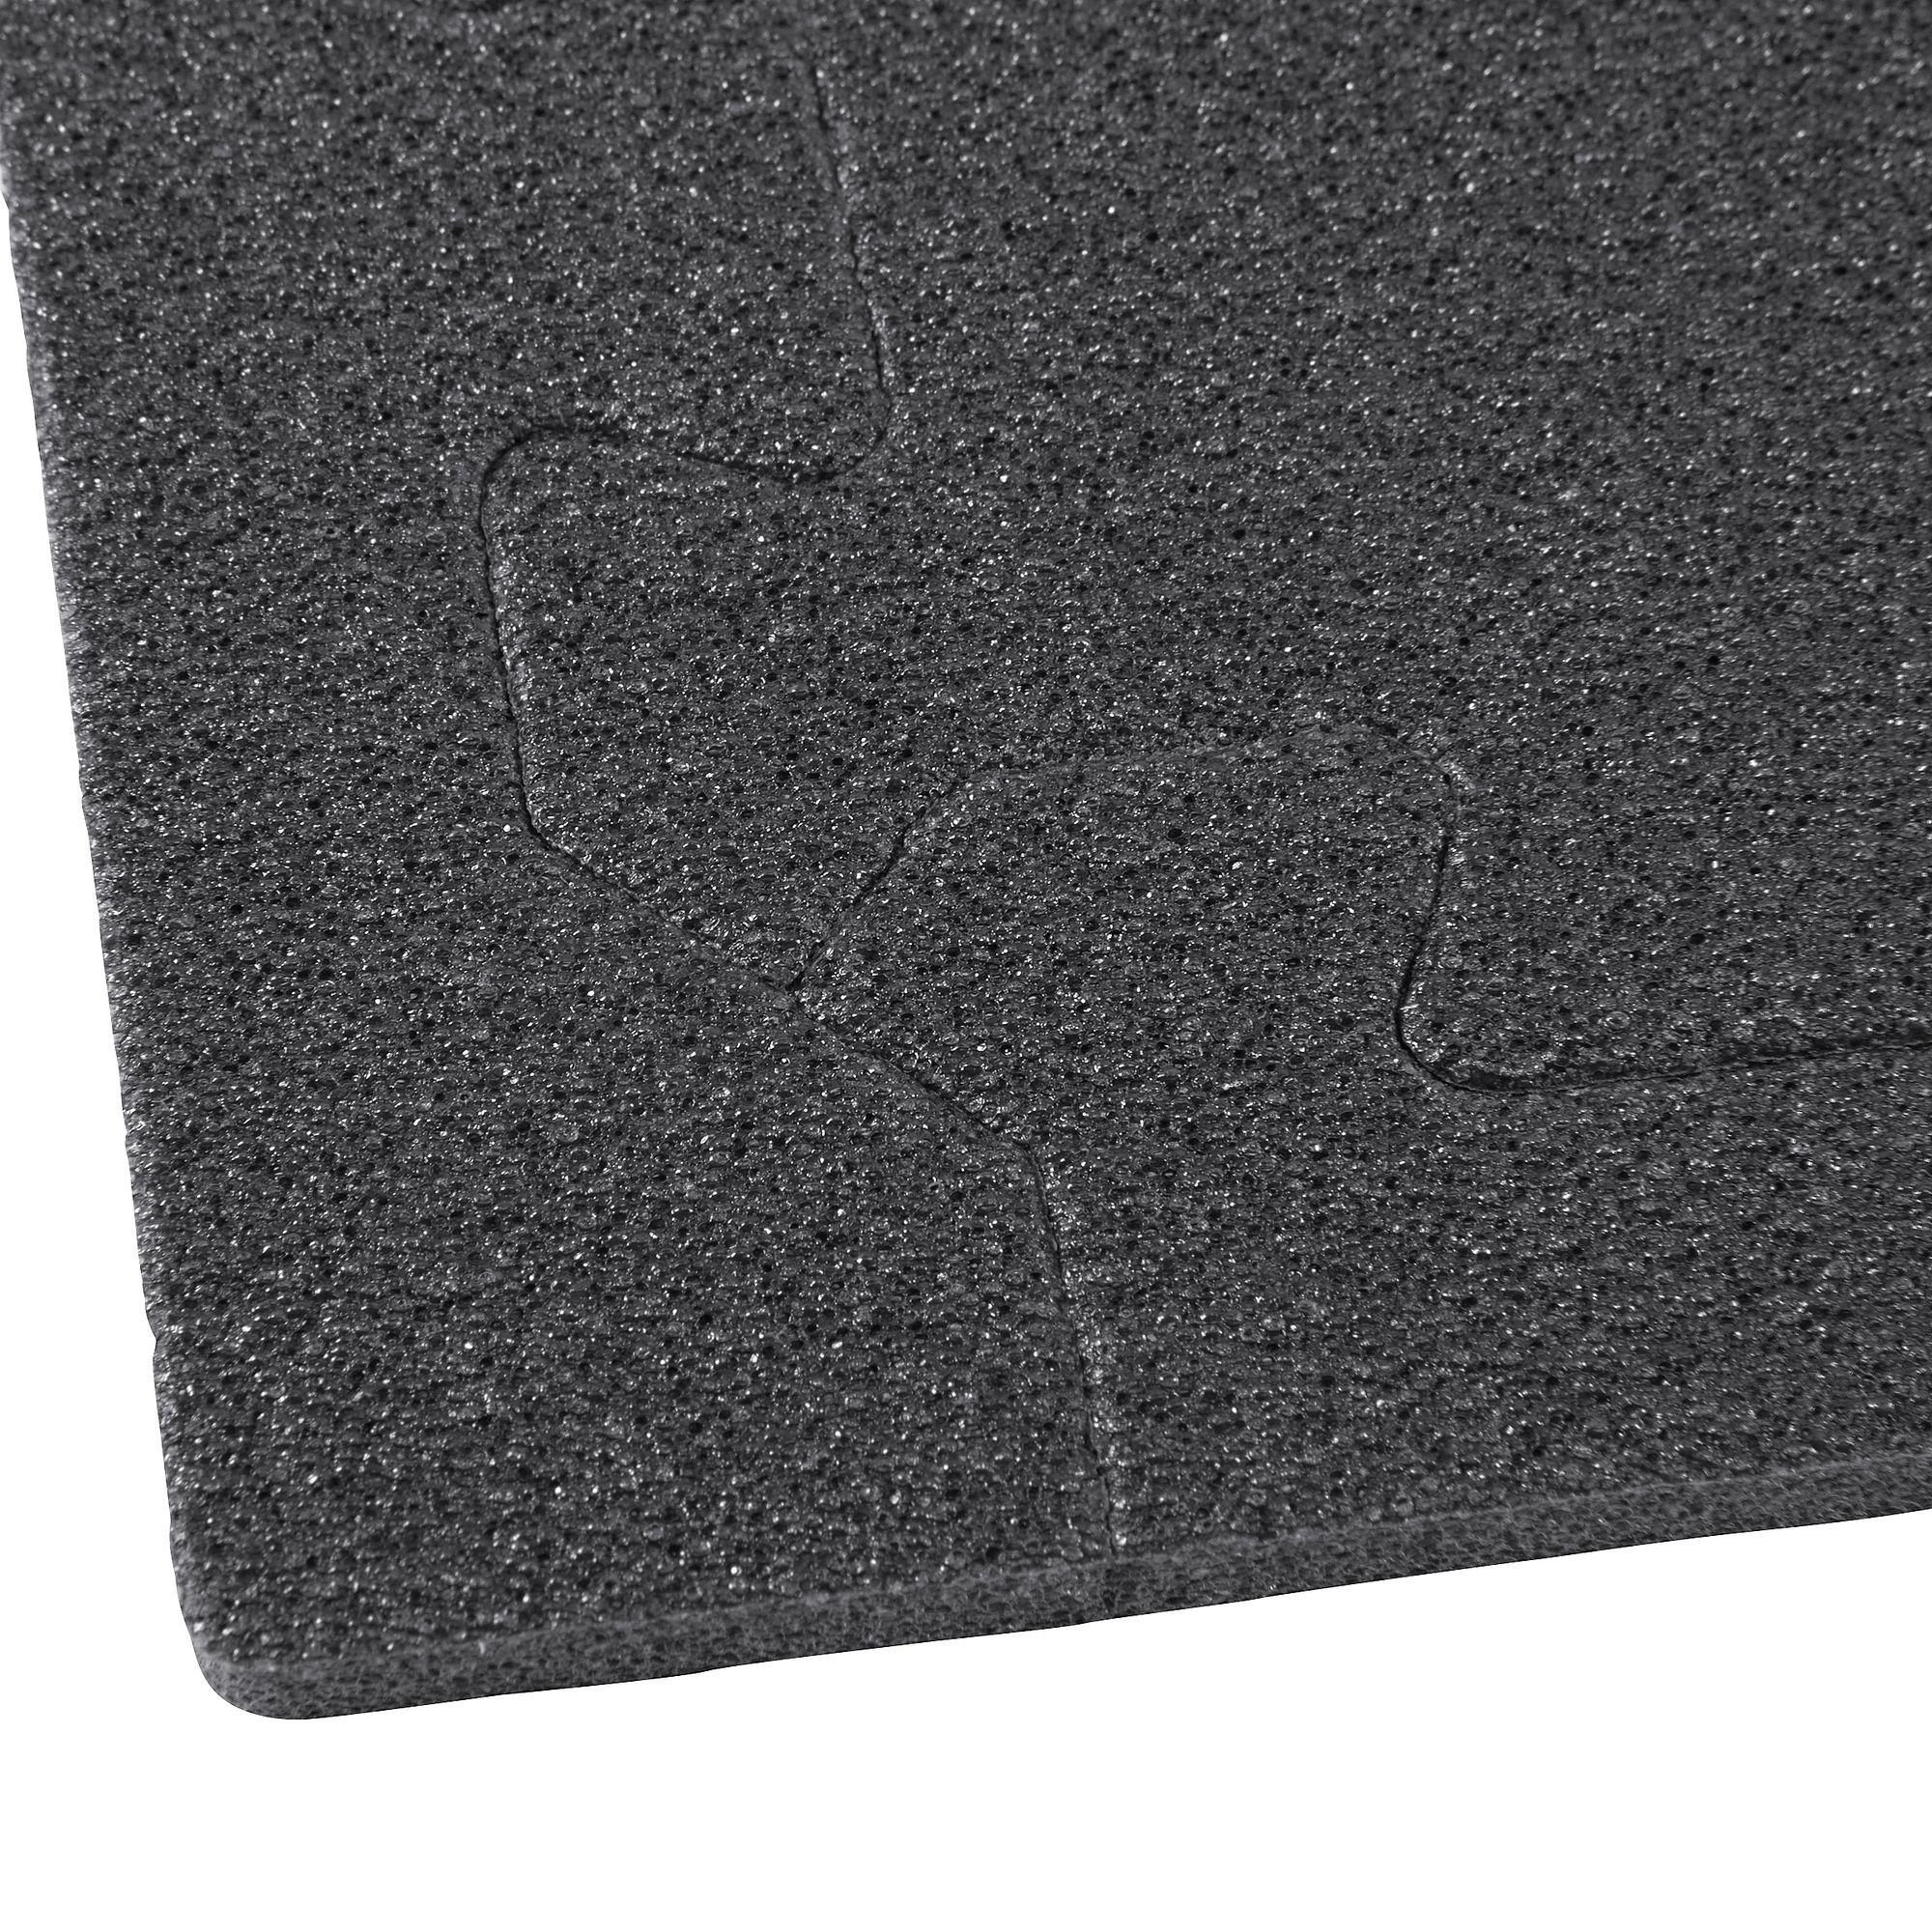 tapis de protection de sol musculation et cardiotraining df920 clubs collectivit s. Black Bedroom Furniture Sets. Home Design Ideas